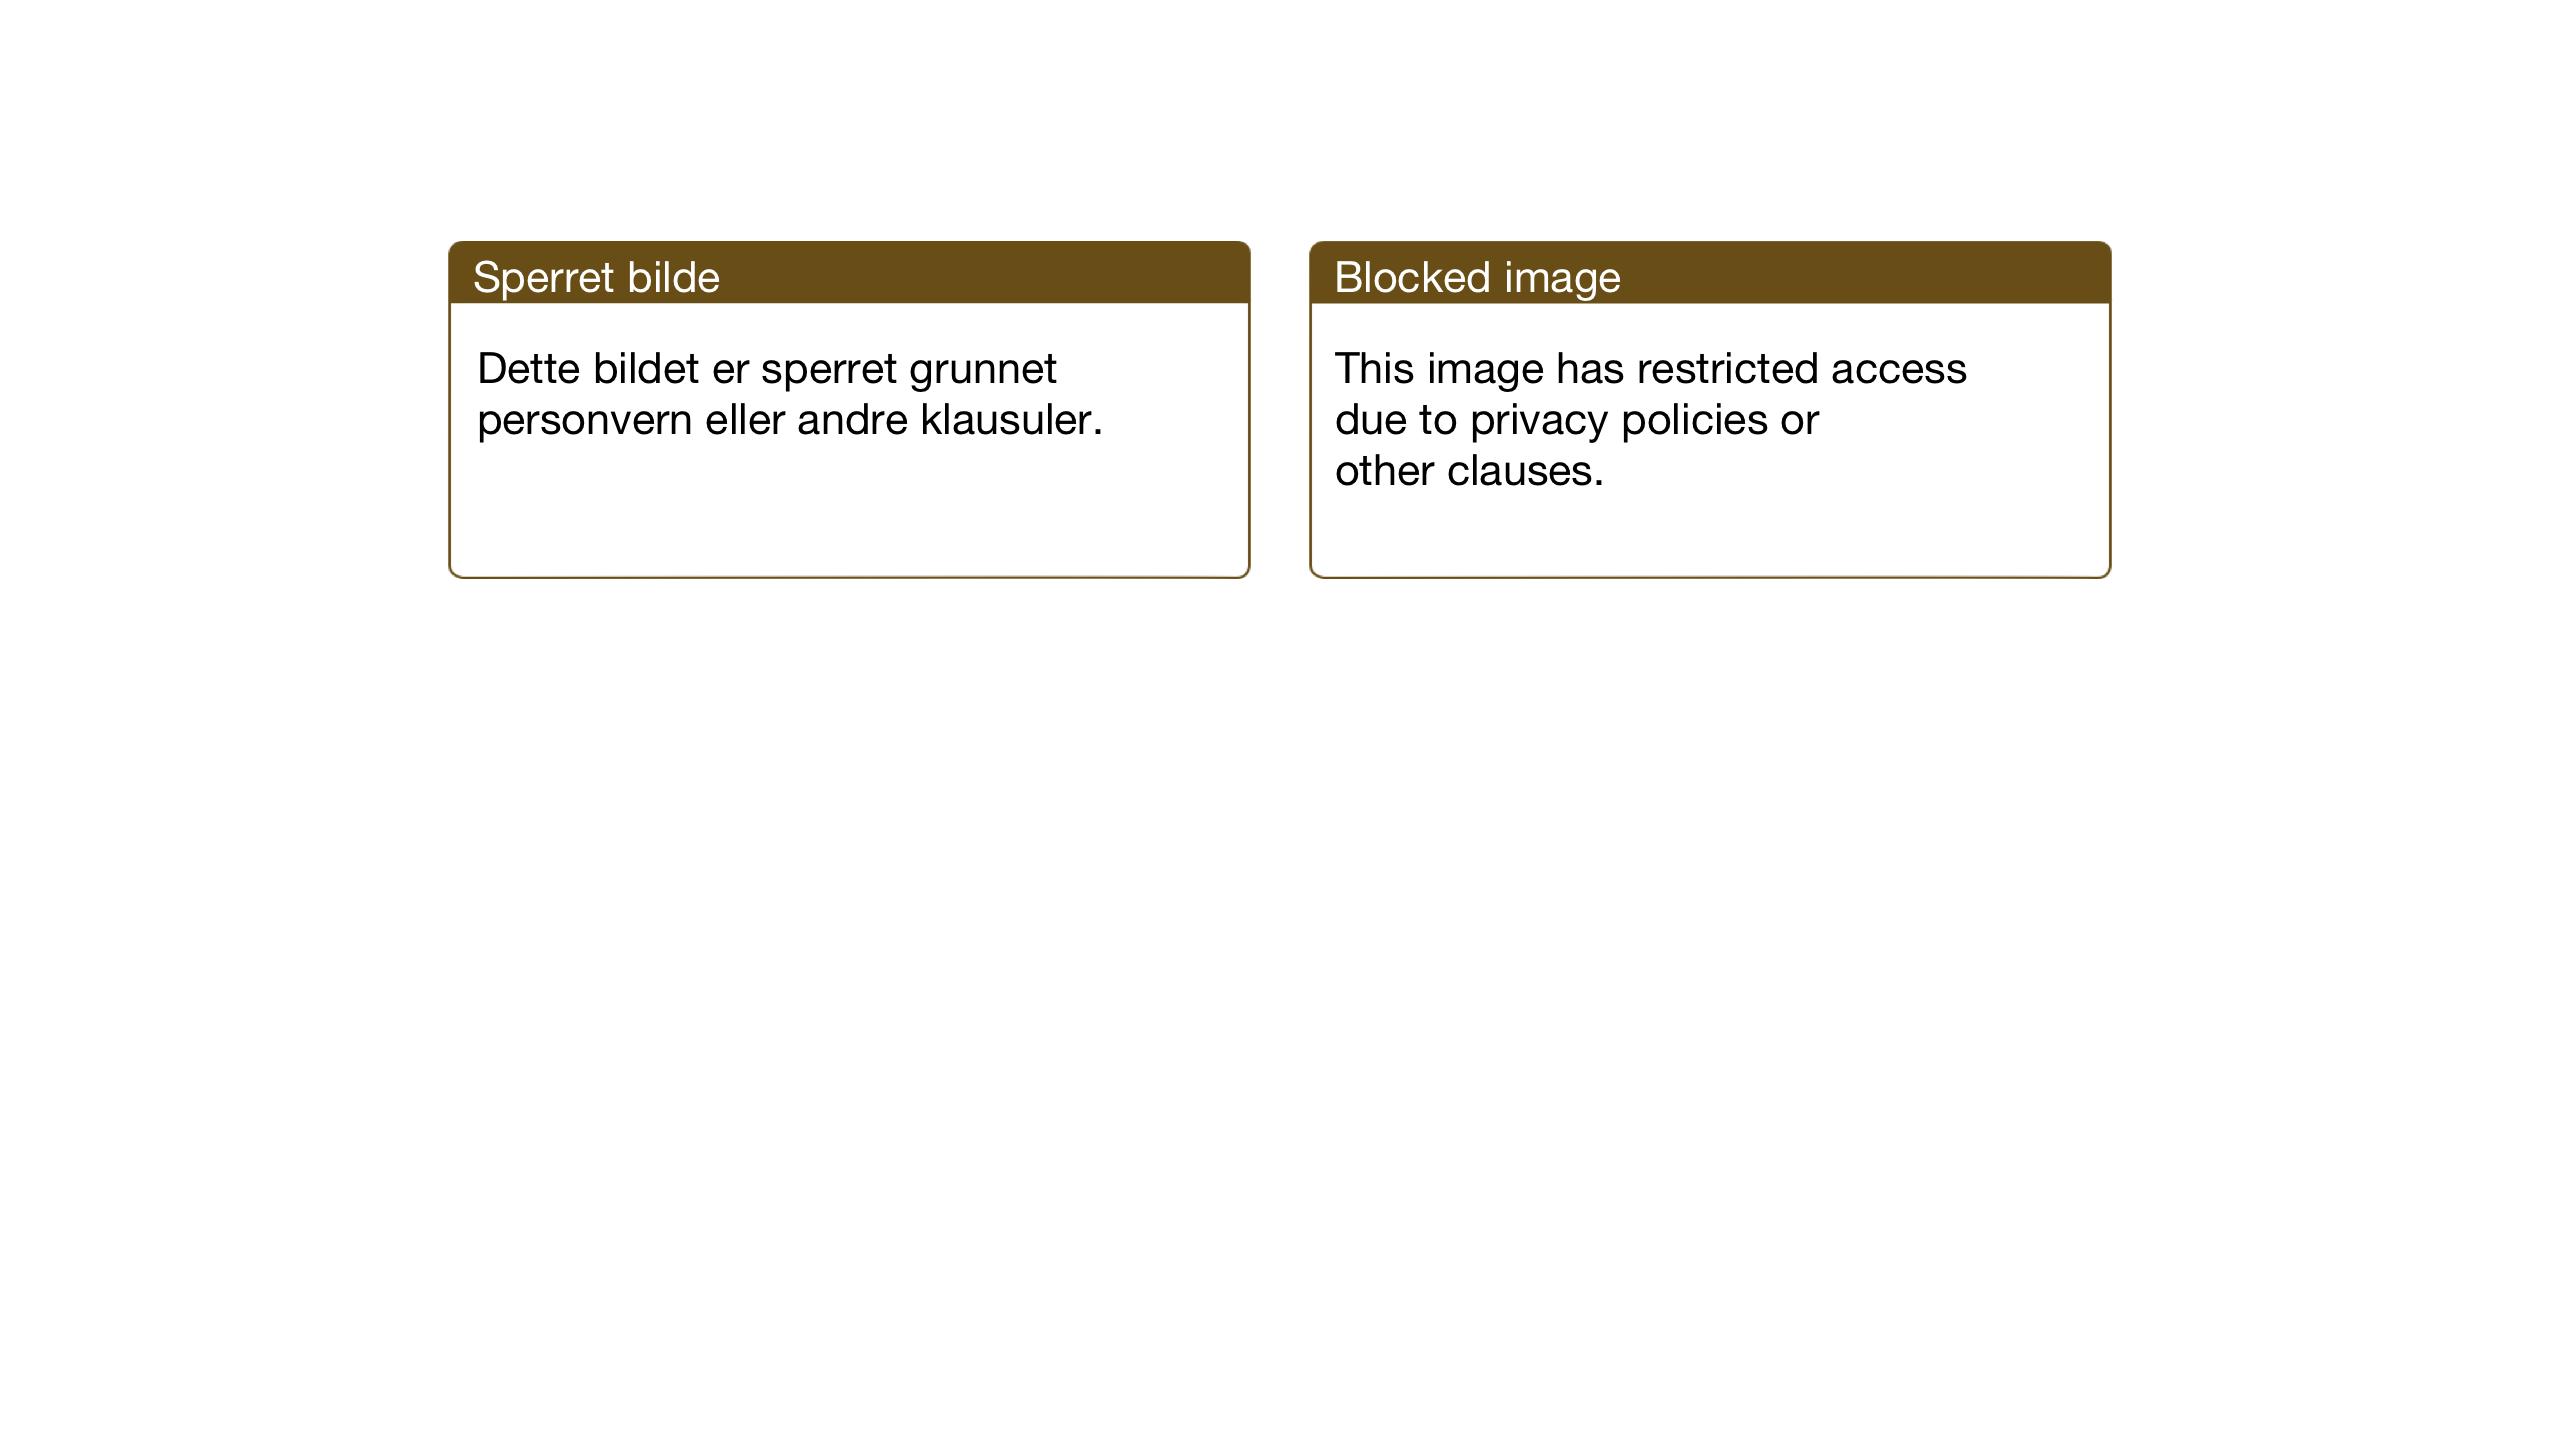 SAT, Ministerialprotokoller, klokkerbøker og fødselsregistre - Sør-Trøndelag, 669/L0832: Klokkerbok nr. 669C02, 1925-1953, s. 37